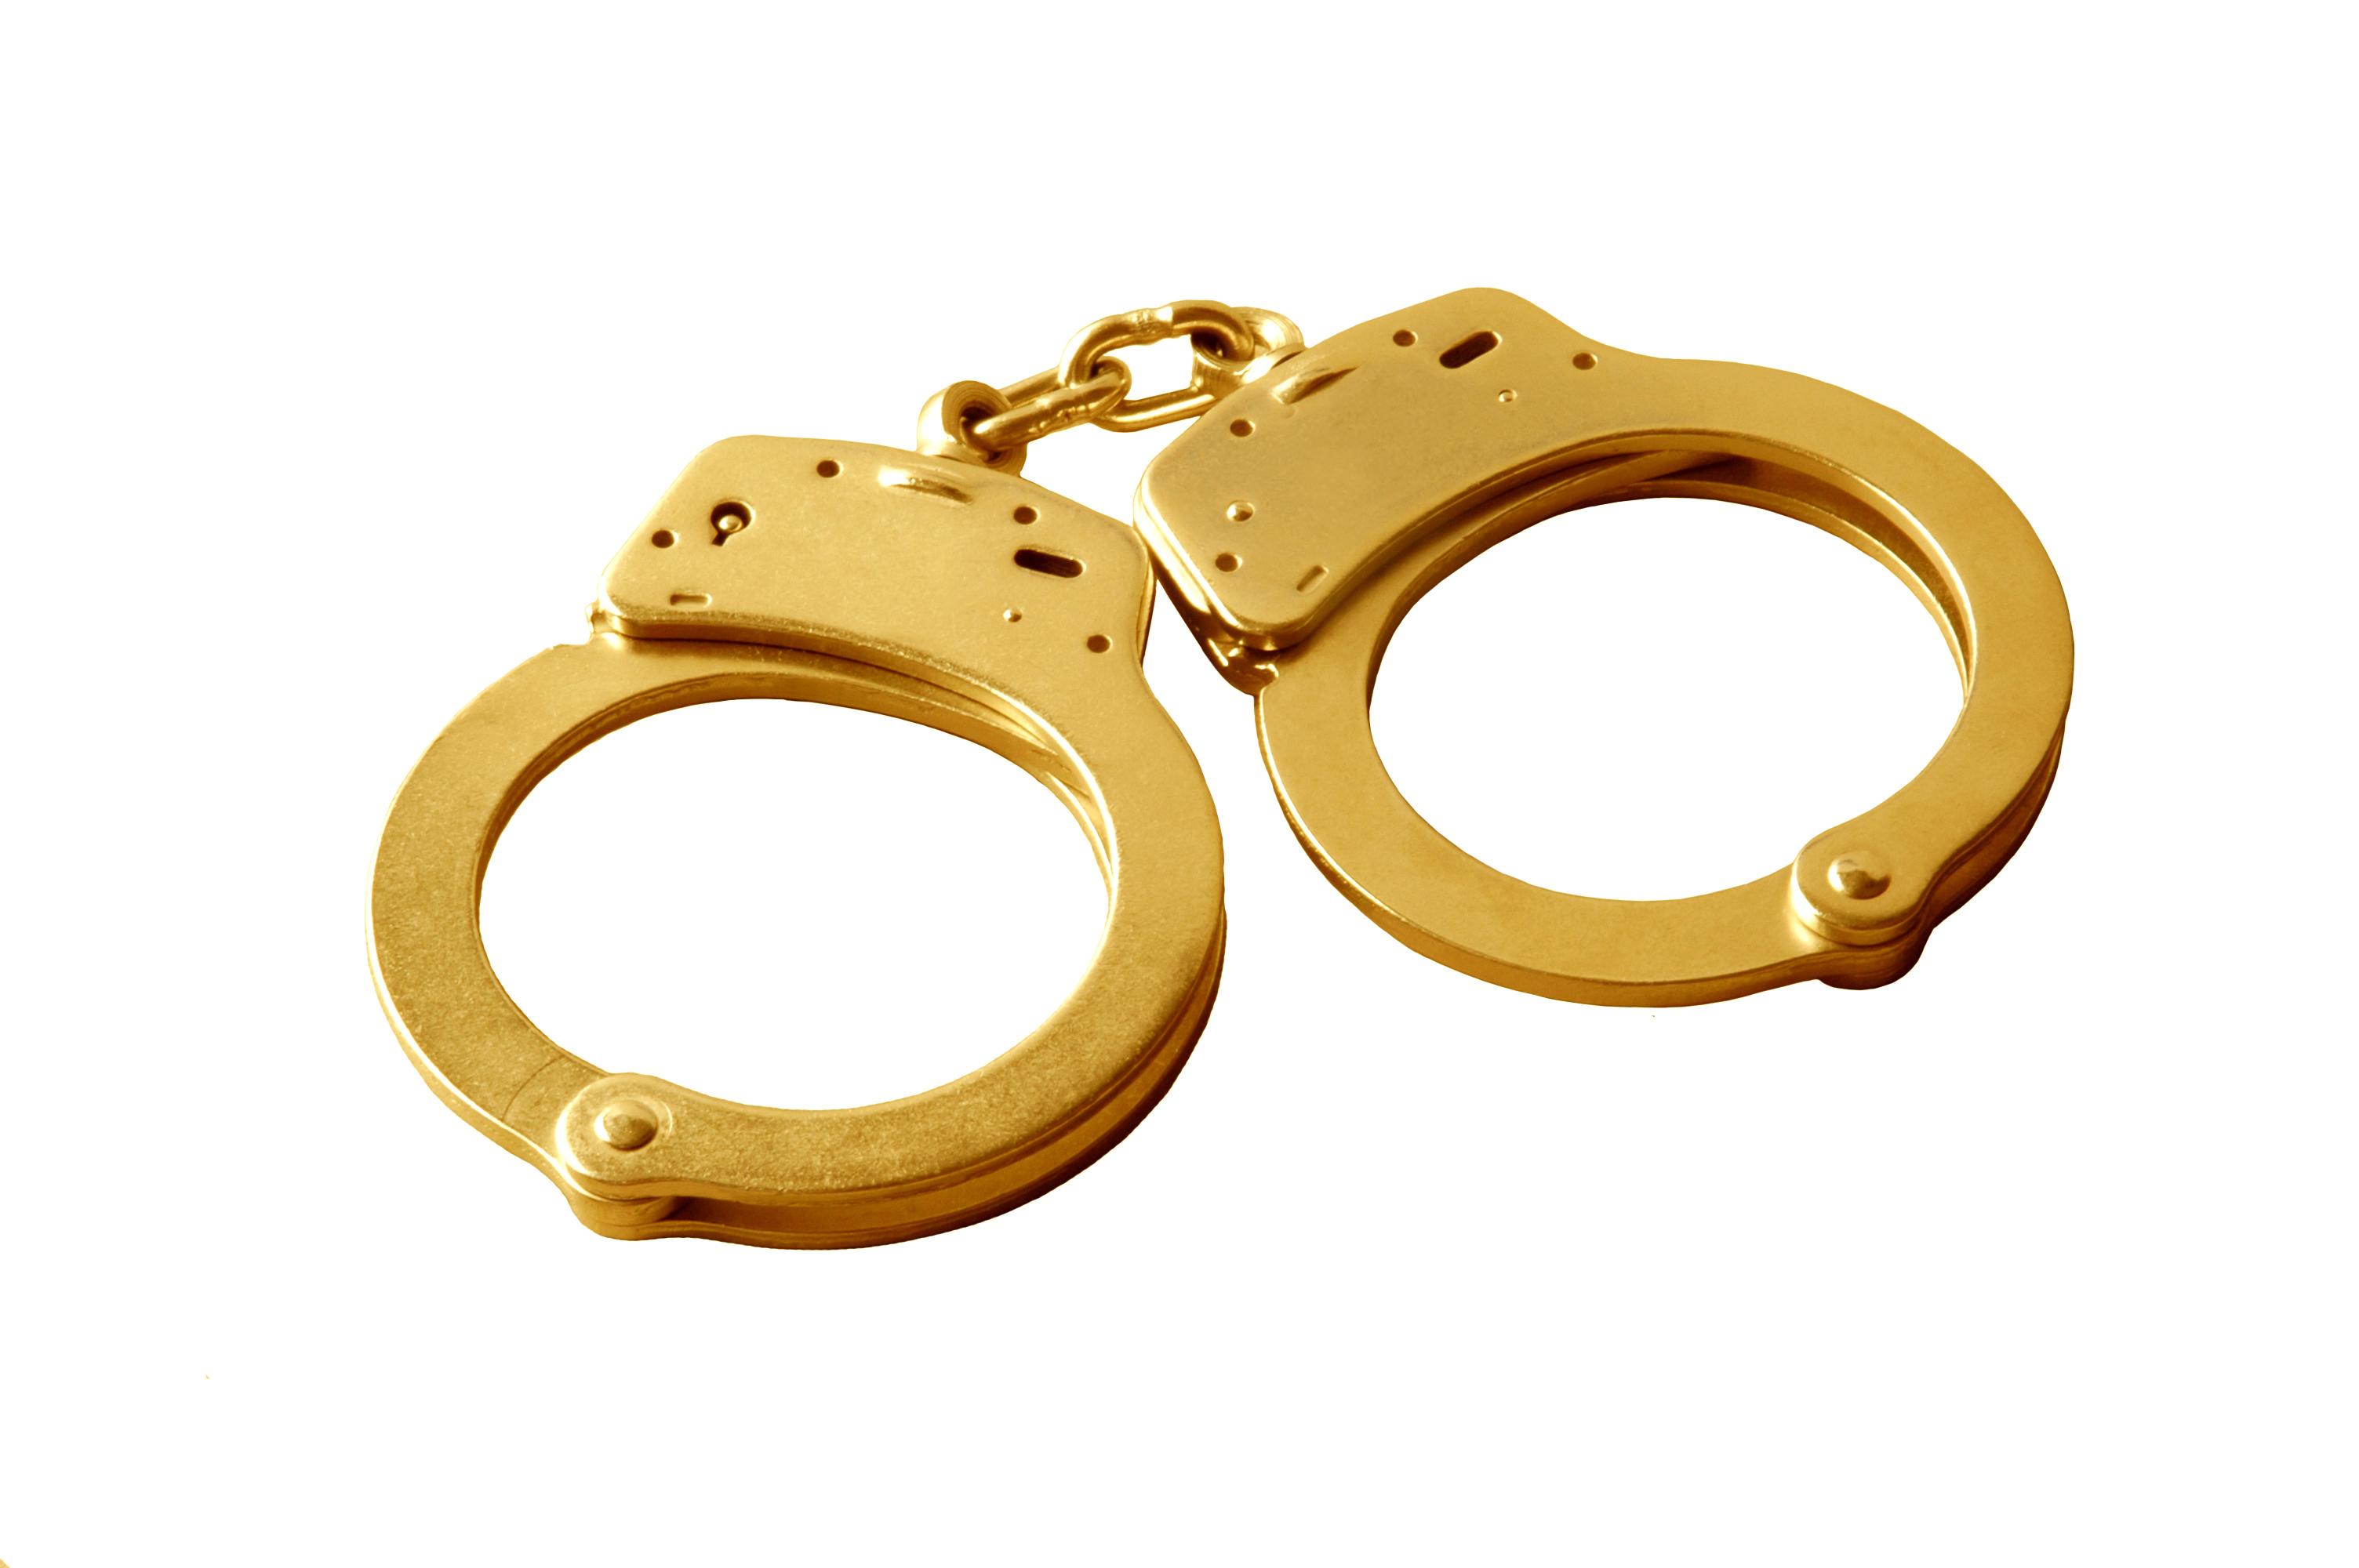 Pair of golden handcuffs